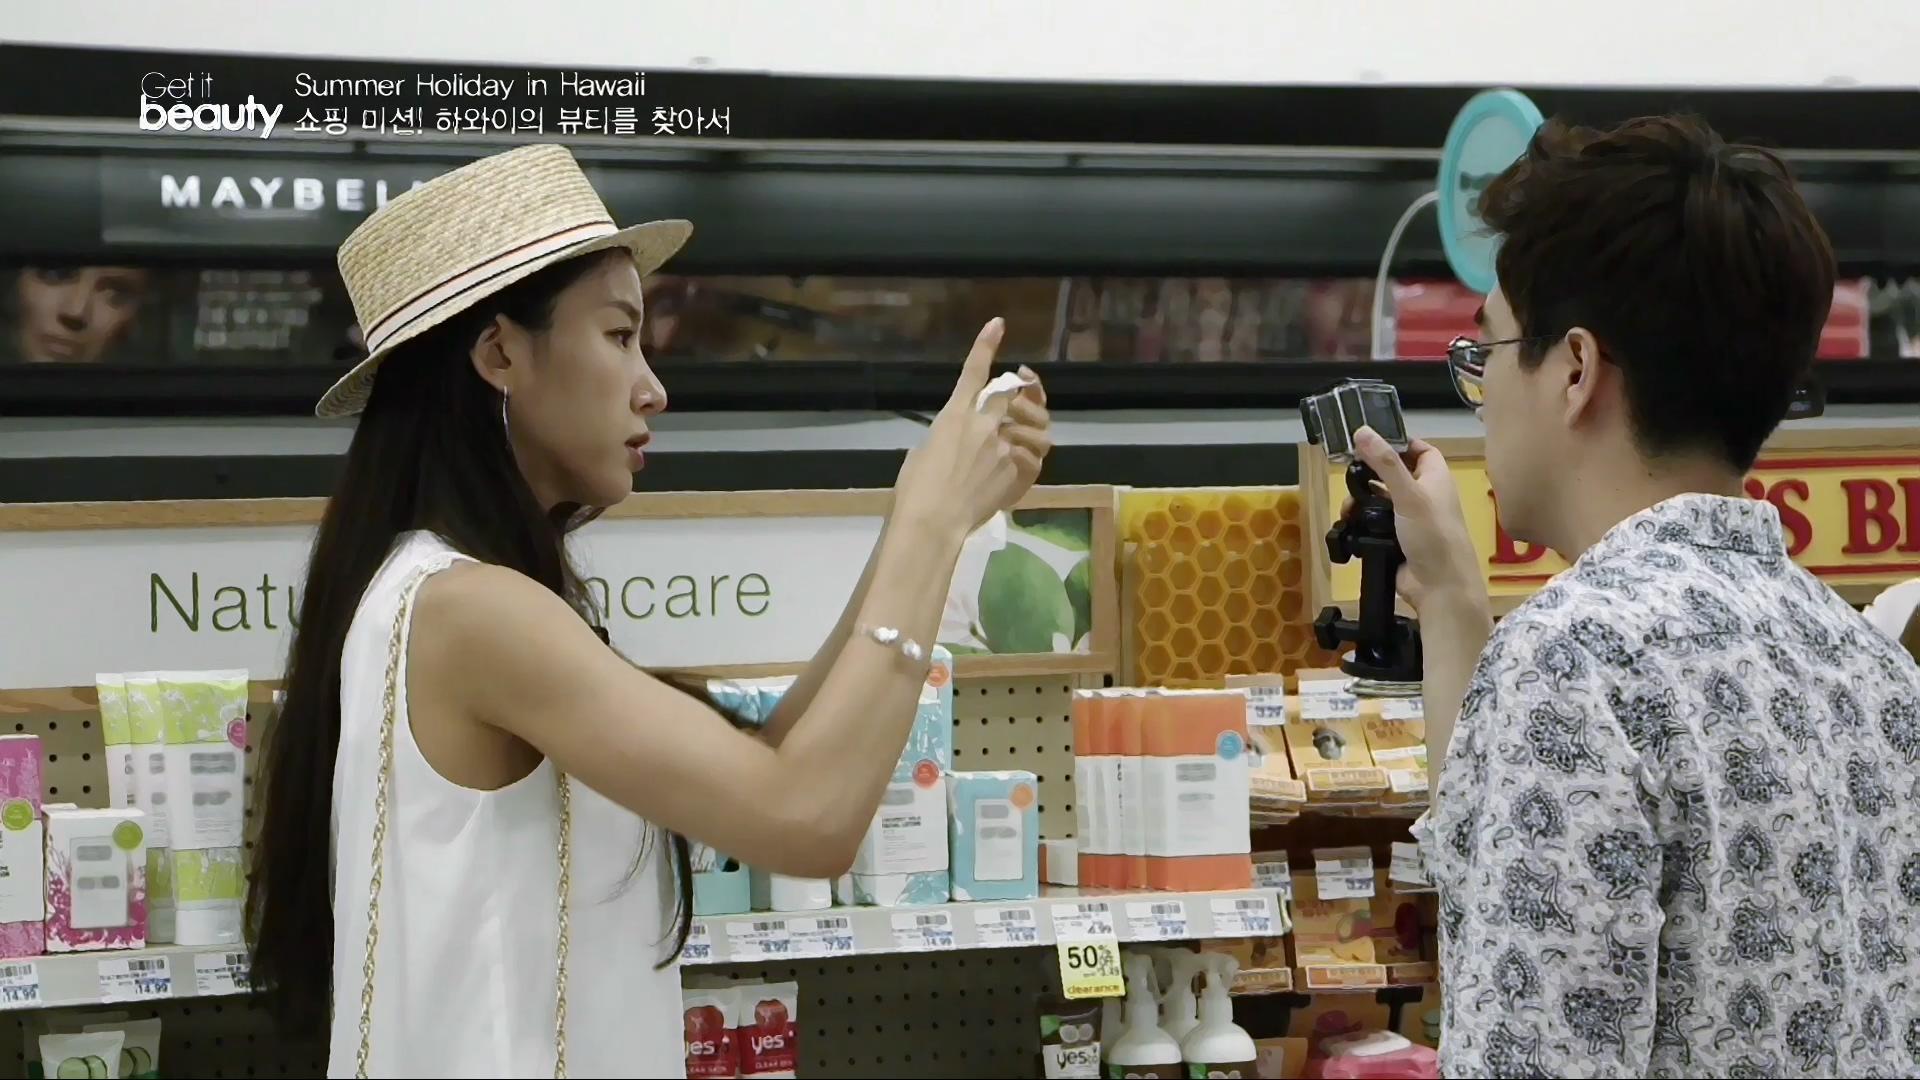 기념품 구입을 원하는 관광객이나 일주일 단위로 달라지는 세일 품목을 할인 된 가격으로 구매하기를 원하는 사람들을 위한 알짜배기 슈퍼마켓.